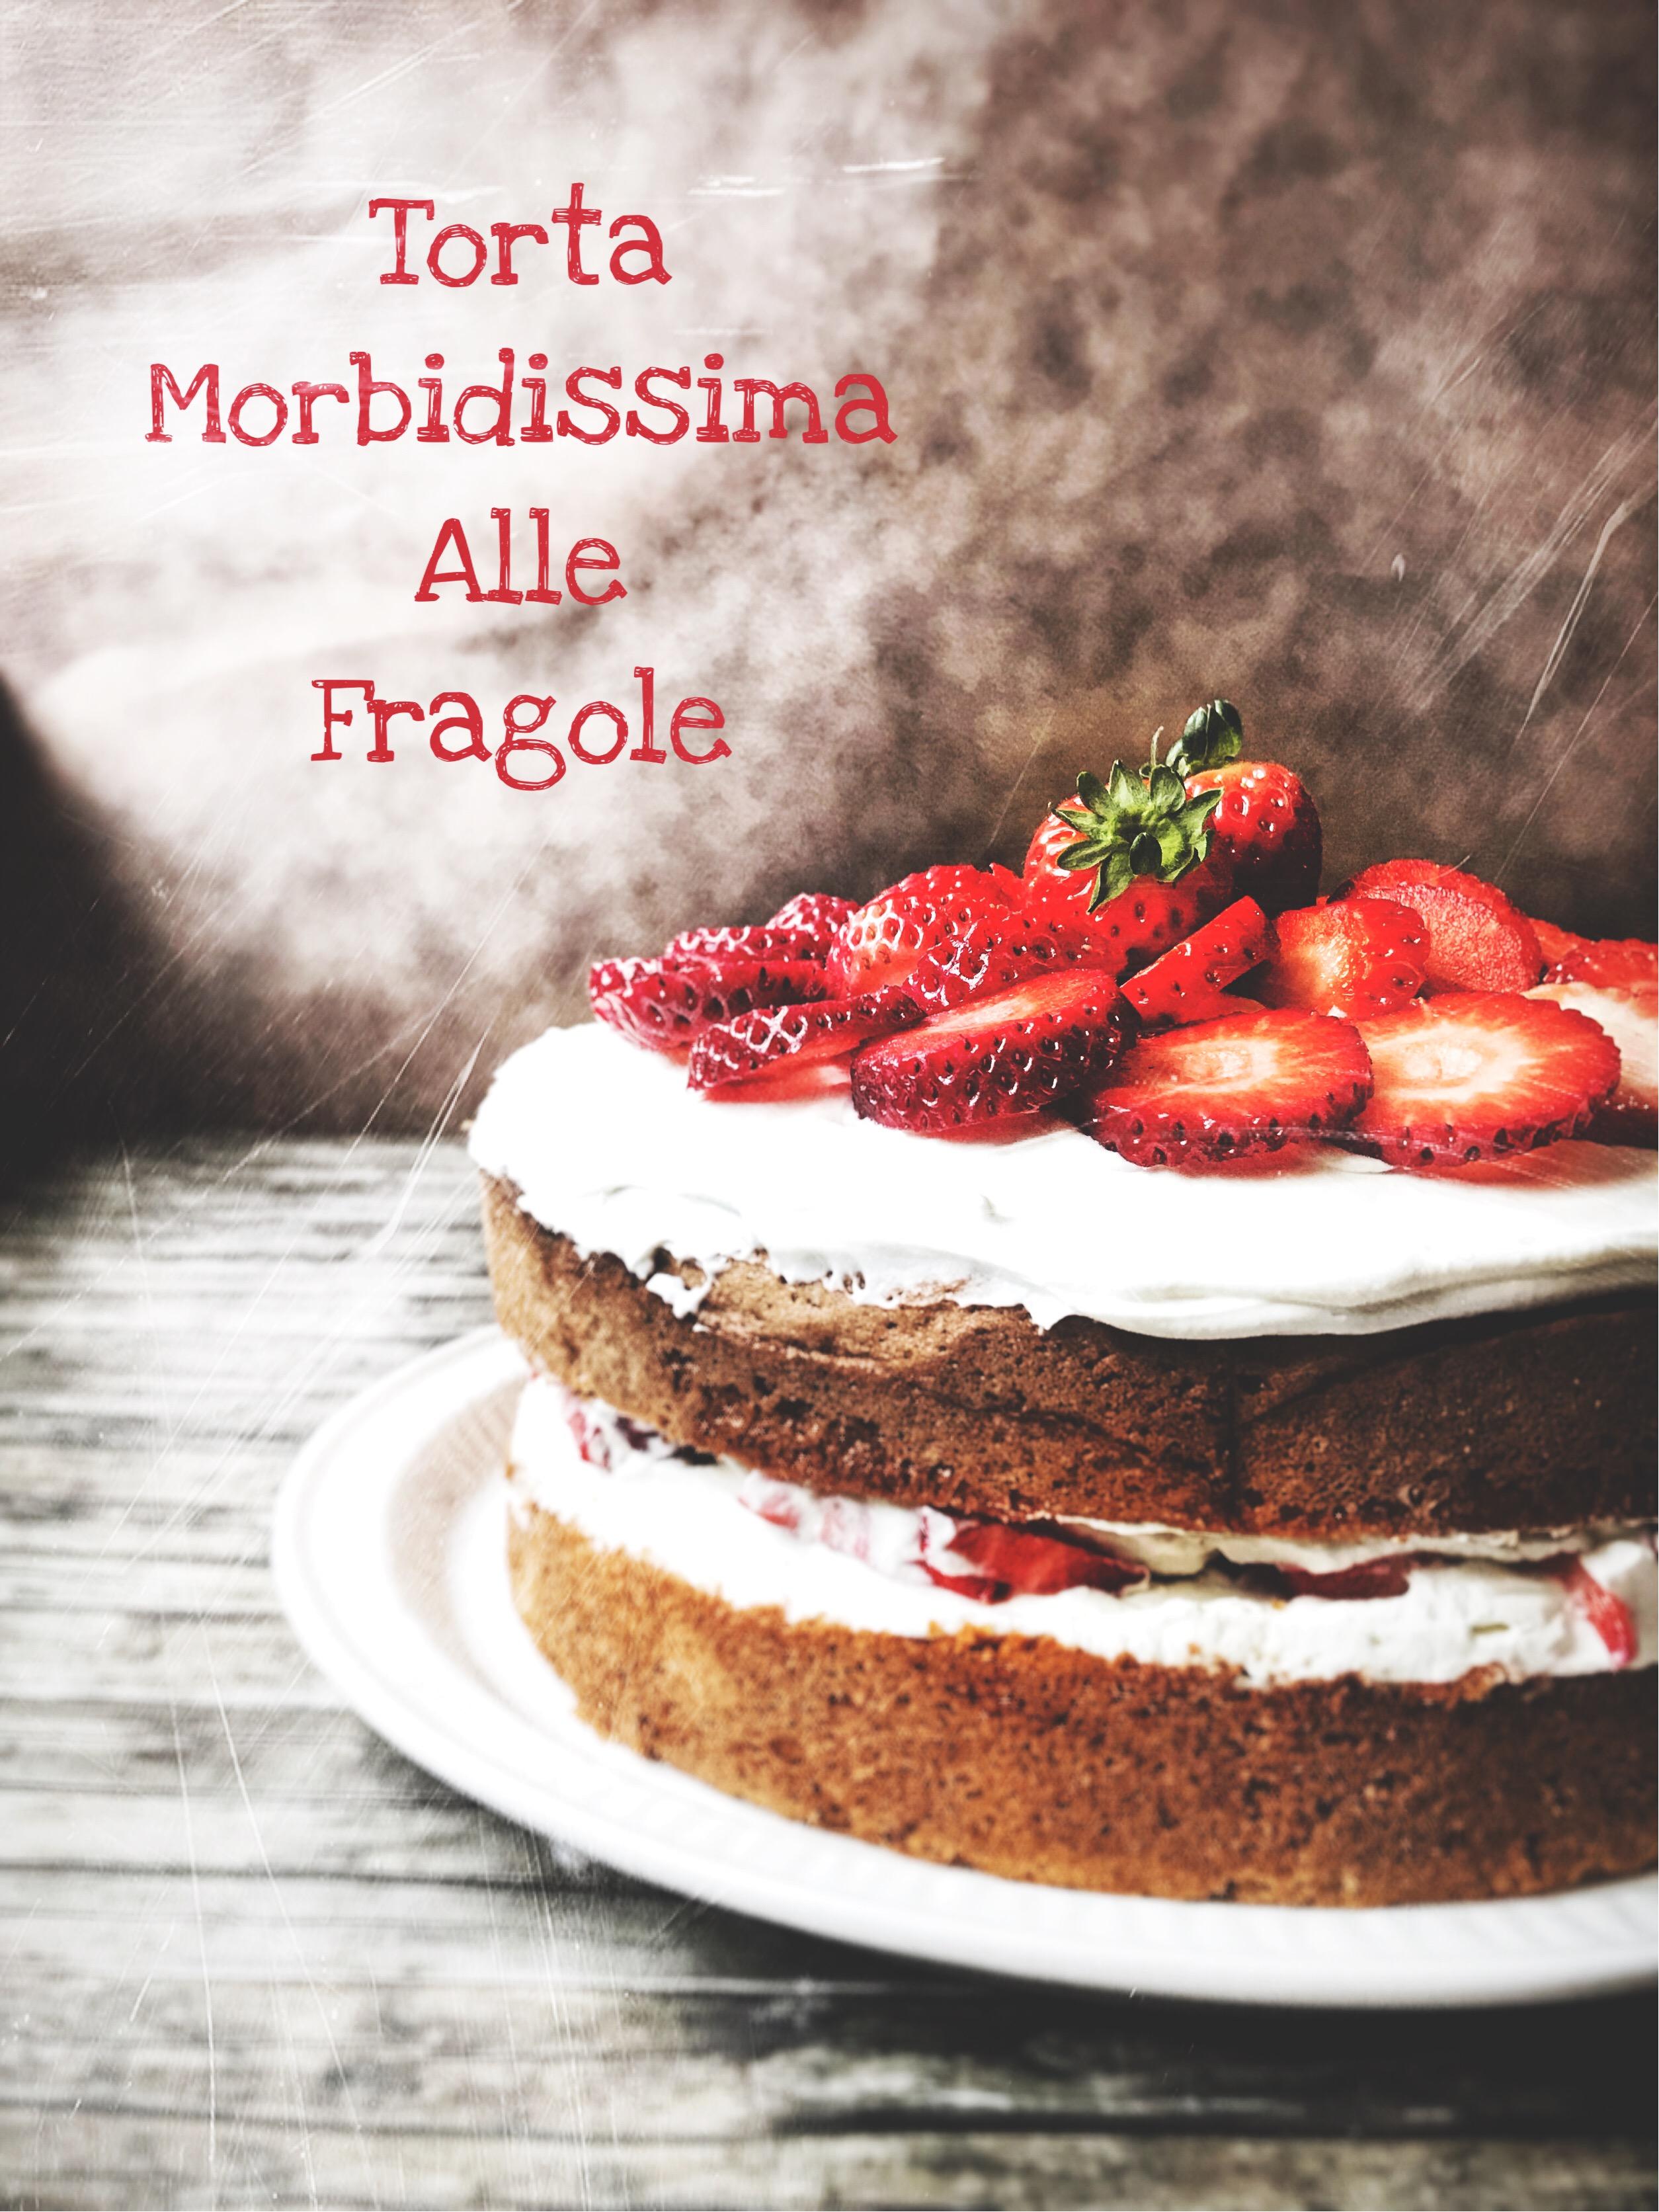 Idee Per Decorare Una Torta torta wow alle fragole con crema al mascarpone - pappaecicci